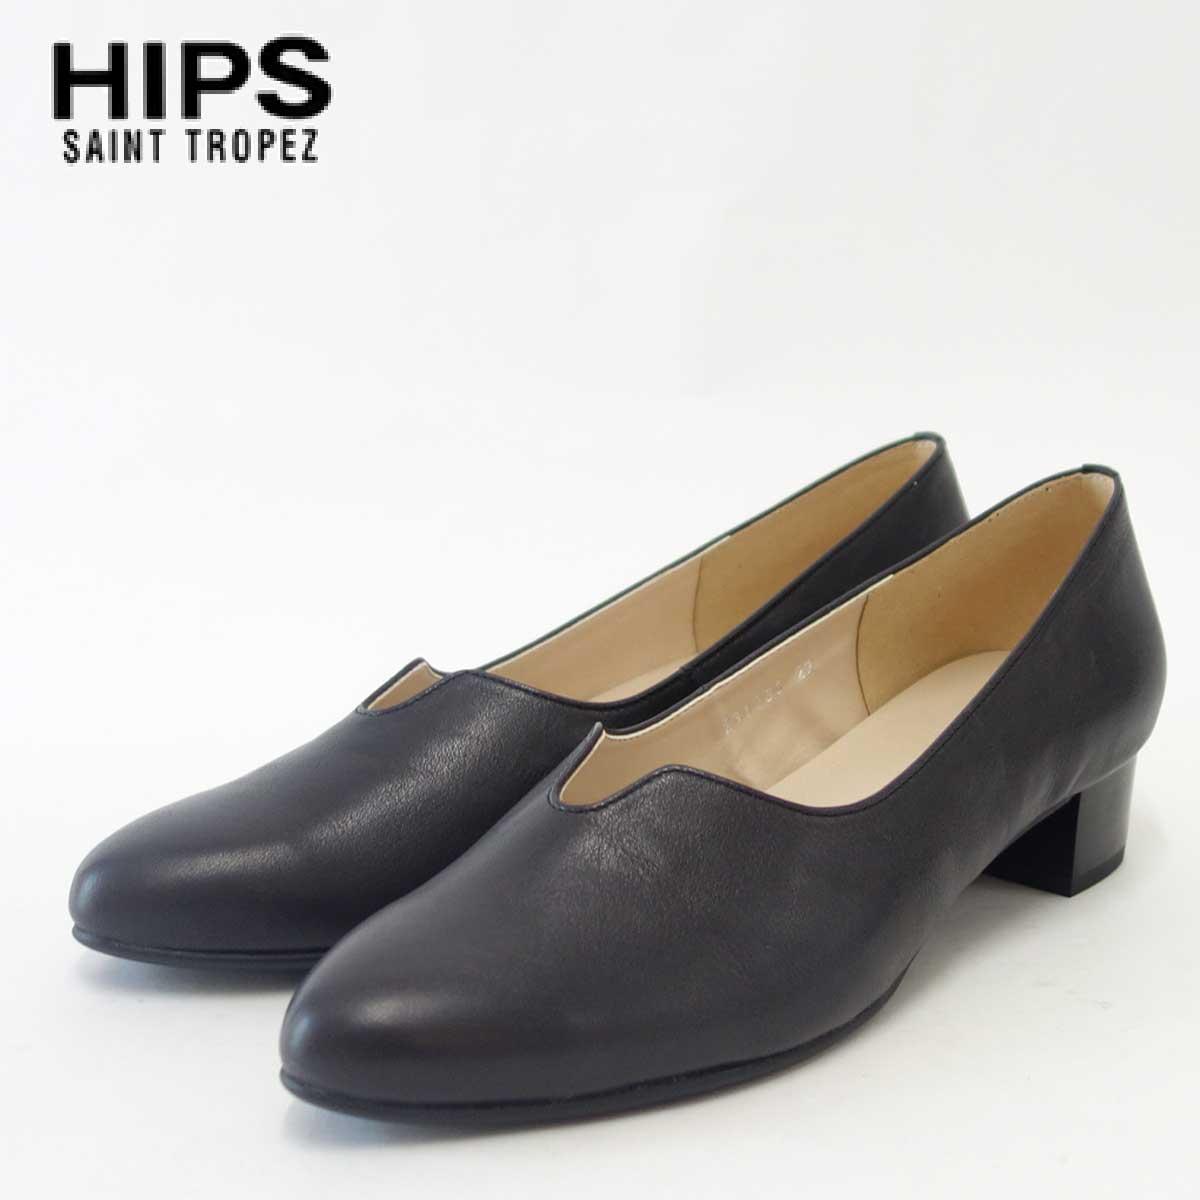 HIPS ヒップス 231283 ブラック甲が深めのデザインパンプス(日本製)ナチュラルでシンプルなデザイン「靴」